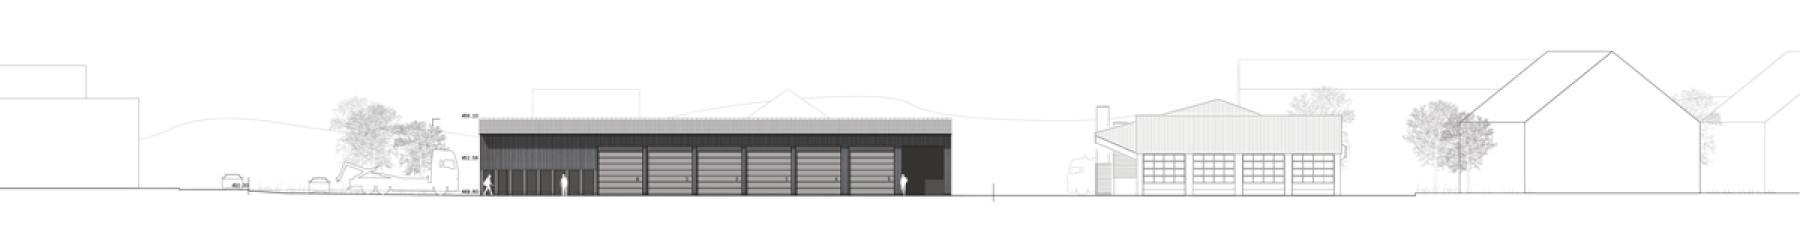 1. Rang «tsiagalhüta» von lilin architekten, Ostansicht (Plan: Projektverfassende)